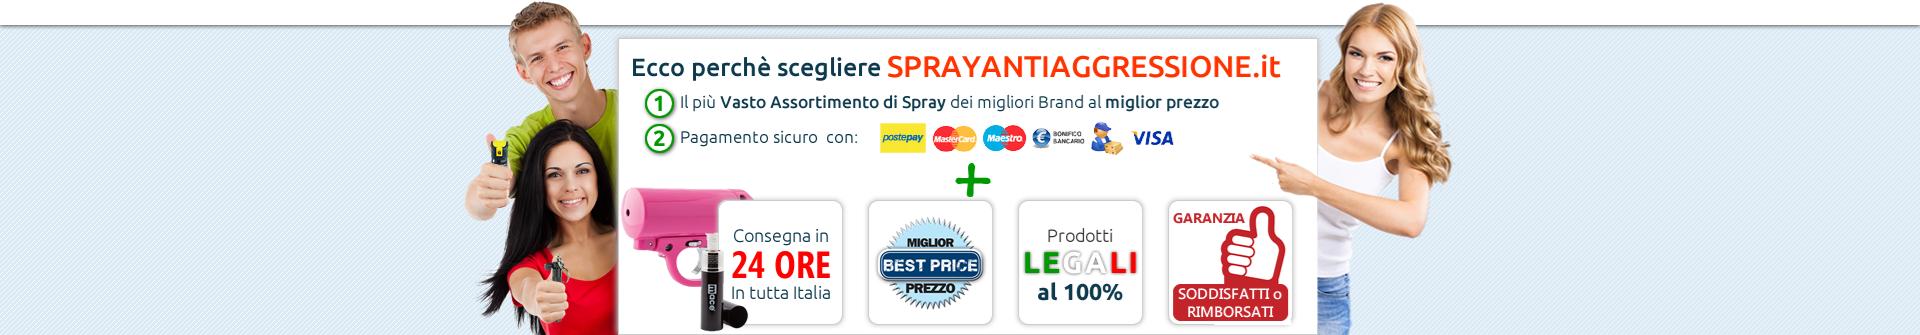 Lo Spray Antiaggressione al peperoncino. Cosa offriamo.